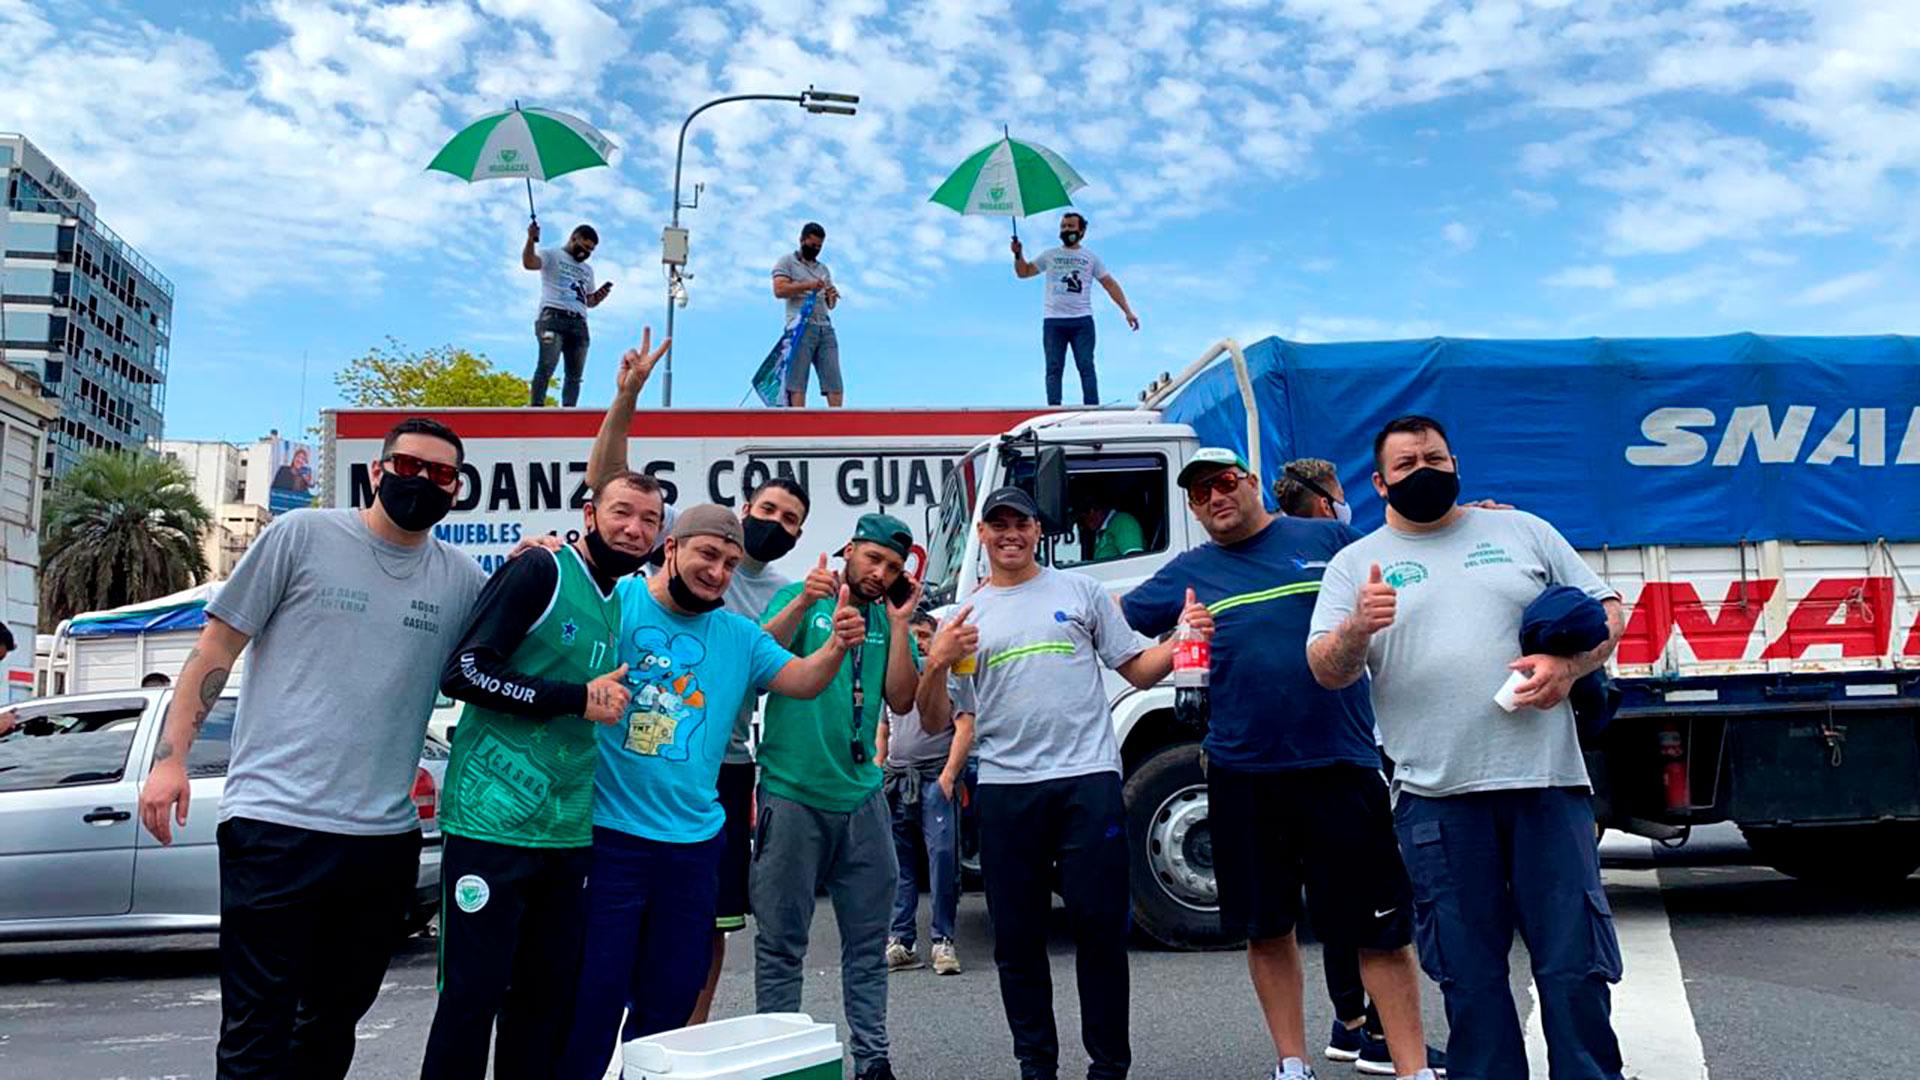 Muchos de los manifestantes no usaron barbijo ni respetaron el distanciamiento social